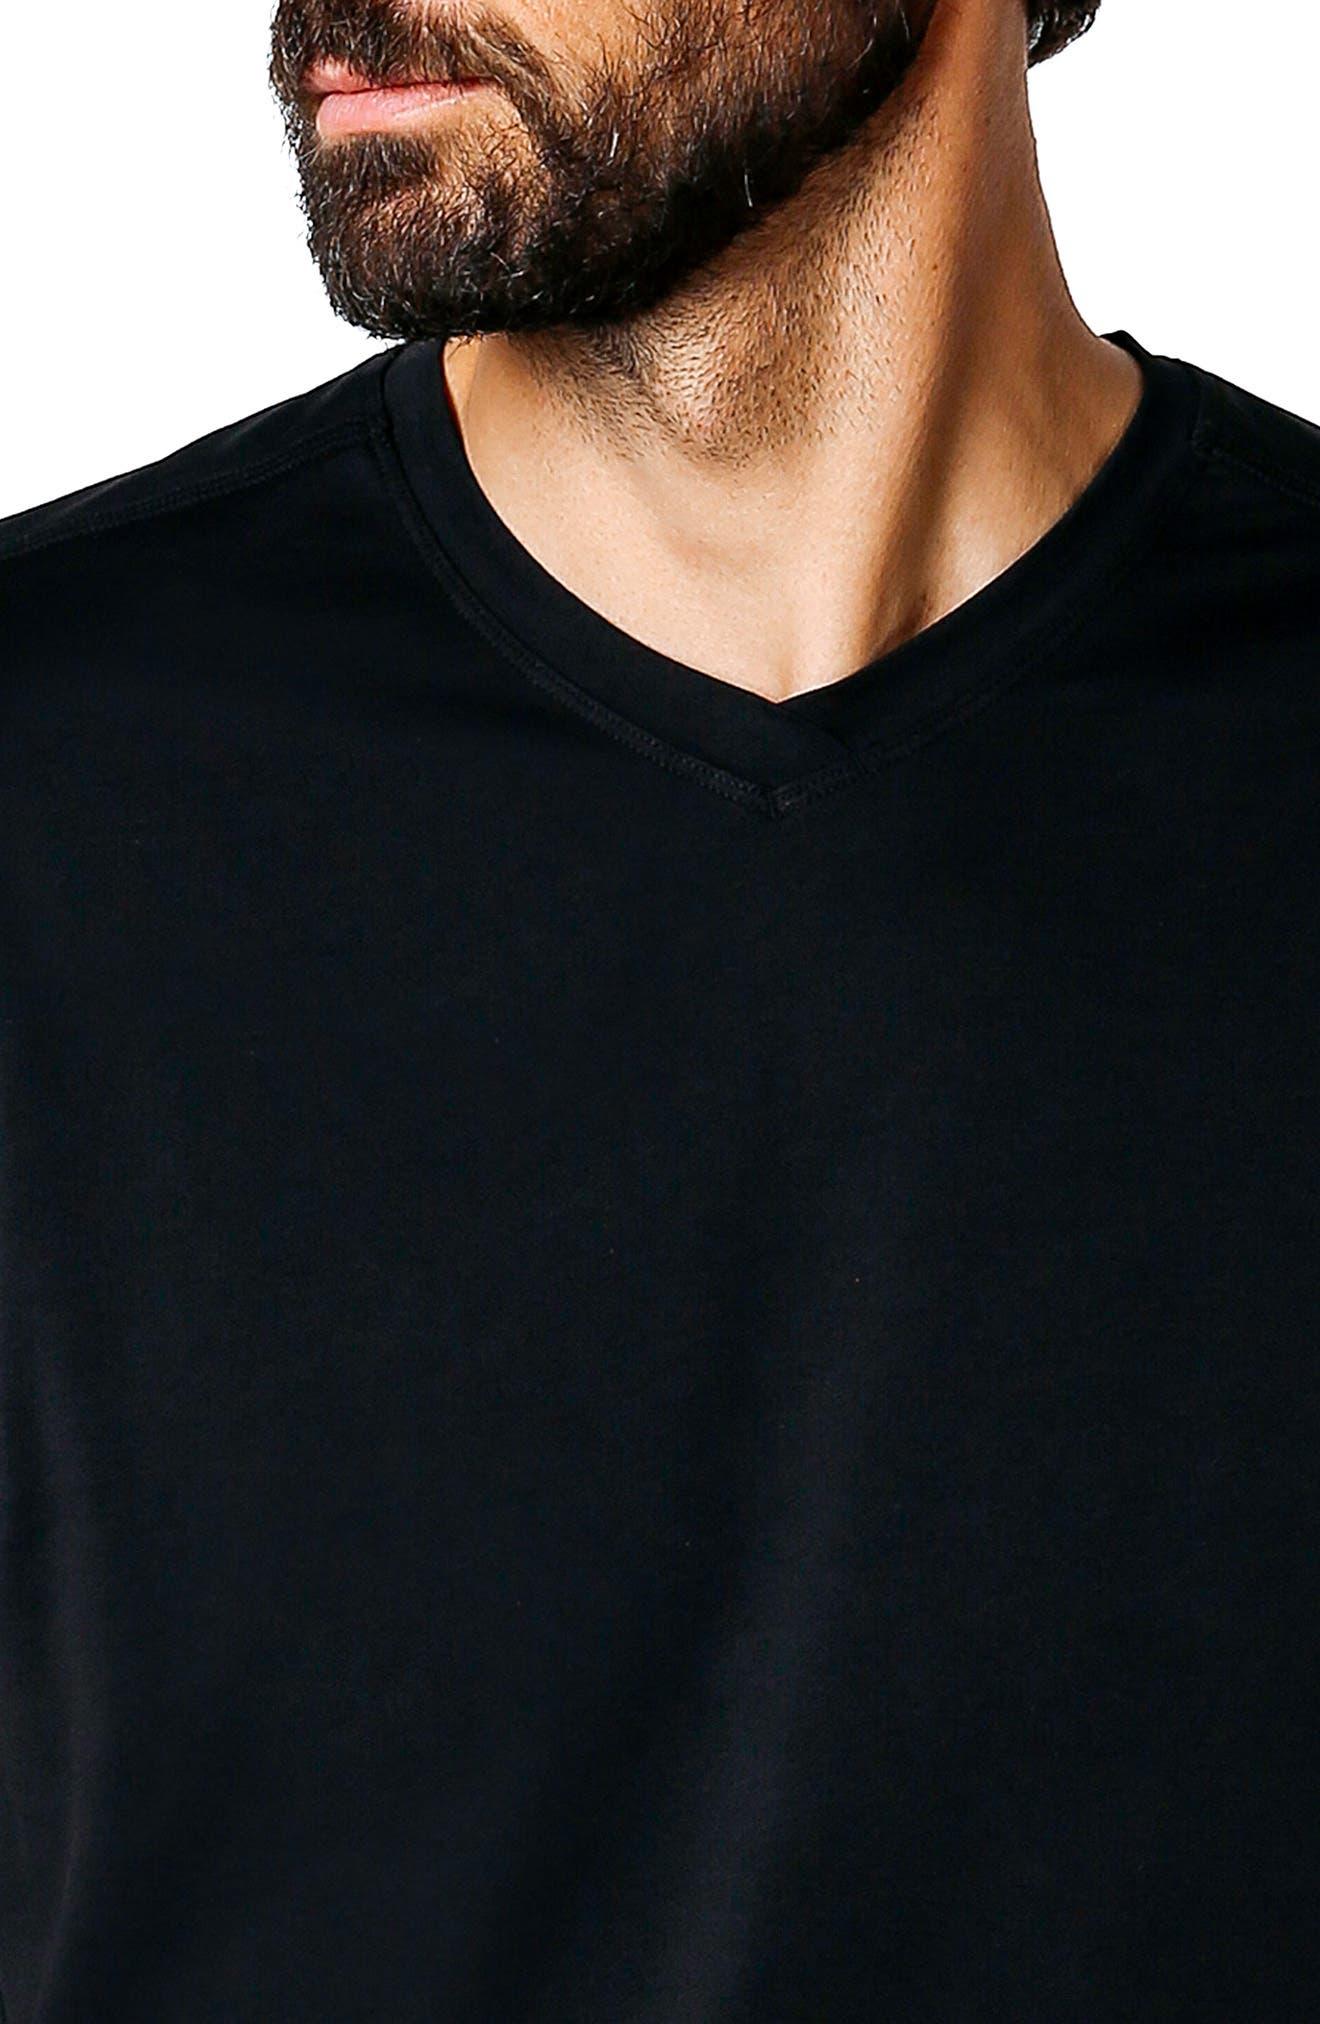 Hi Vee Slim Fit T-Shirt,                             Alternate thumbnail 4, color,                             001